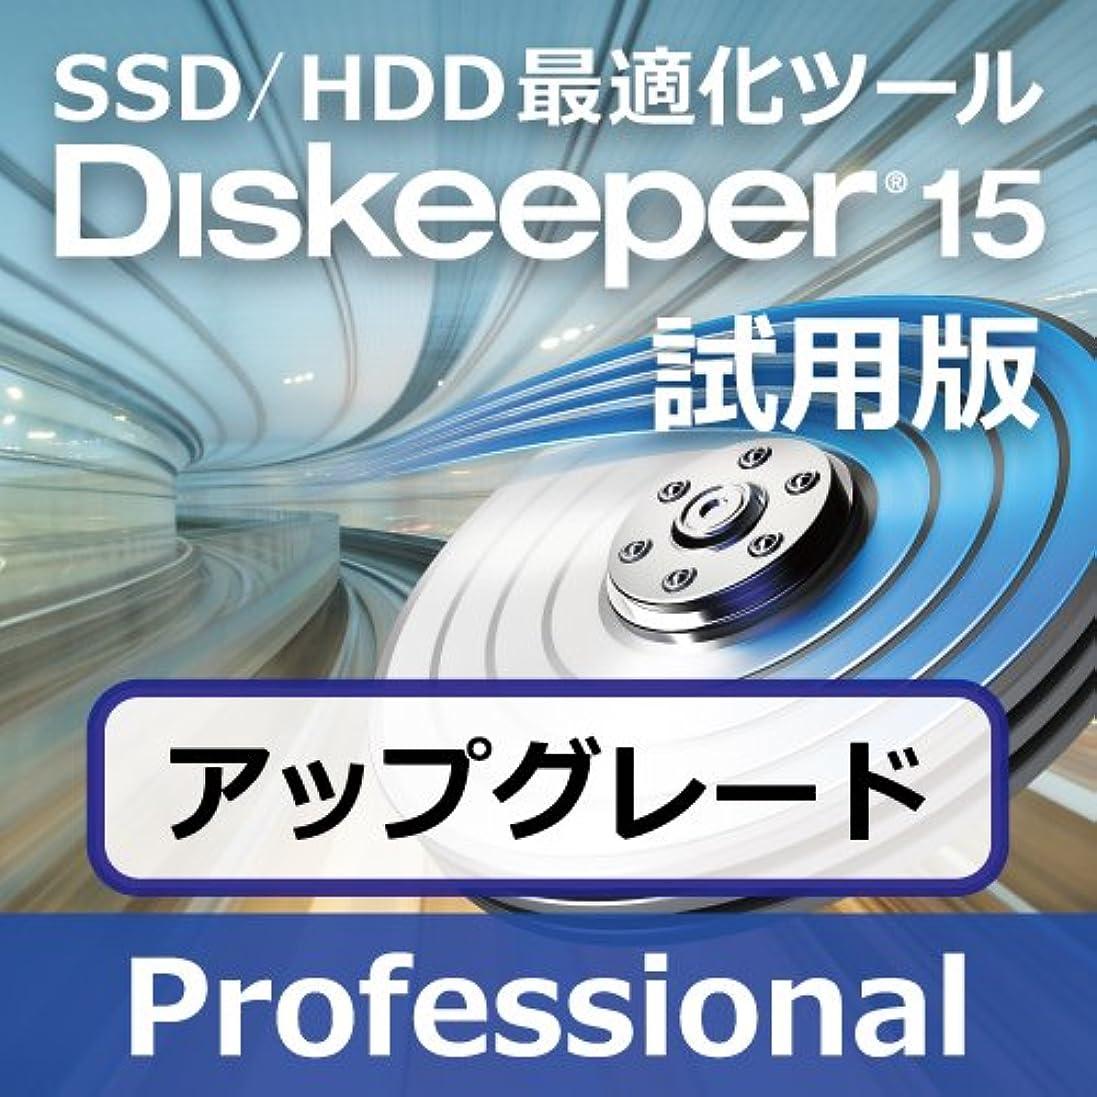 悪用急性ラッシュDiskeeper 15J Professional アップグレード 試用版 [ダウンロード]